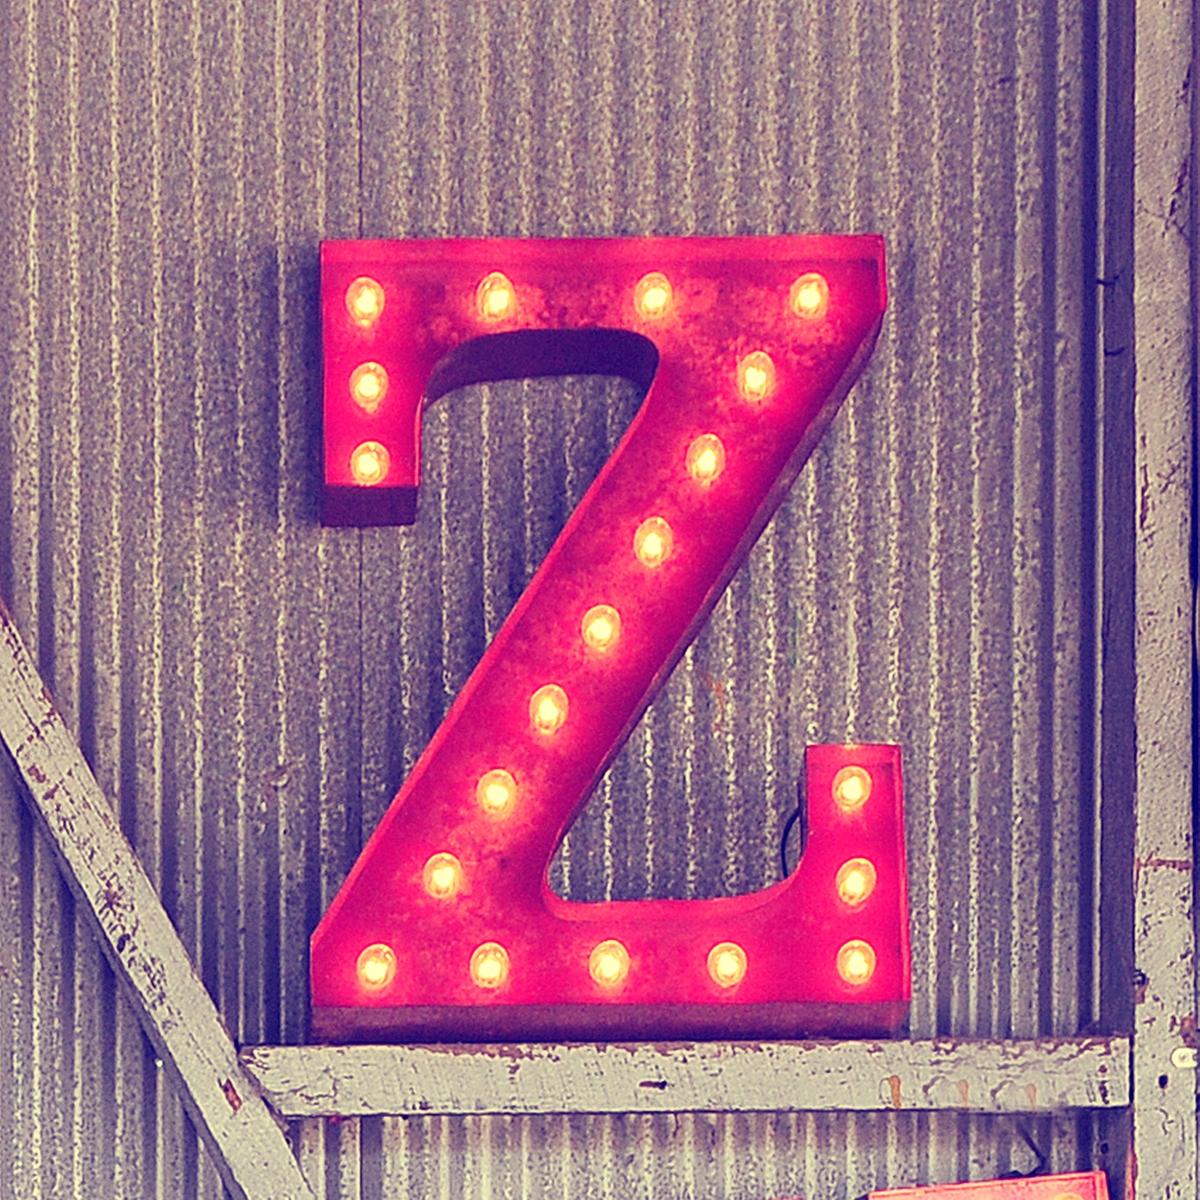 بالصور صور حرف z , حلفيات فيسبوك تبداء باول حرف من اسمك Z 1530 2